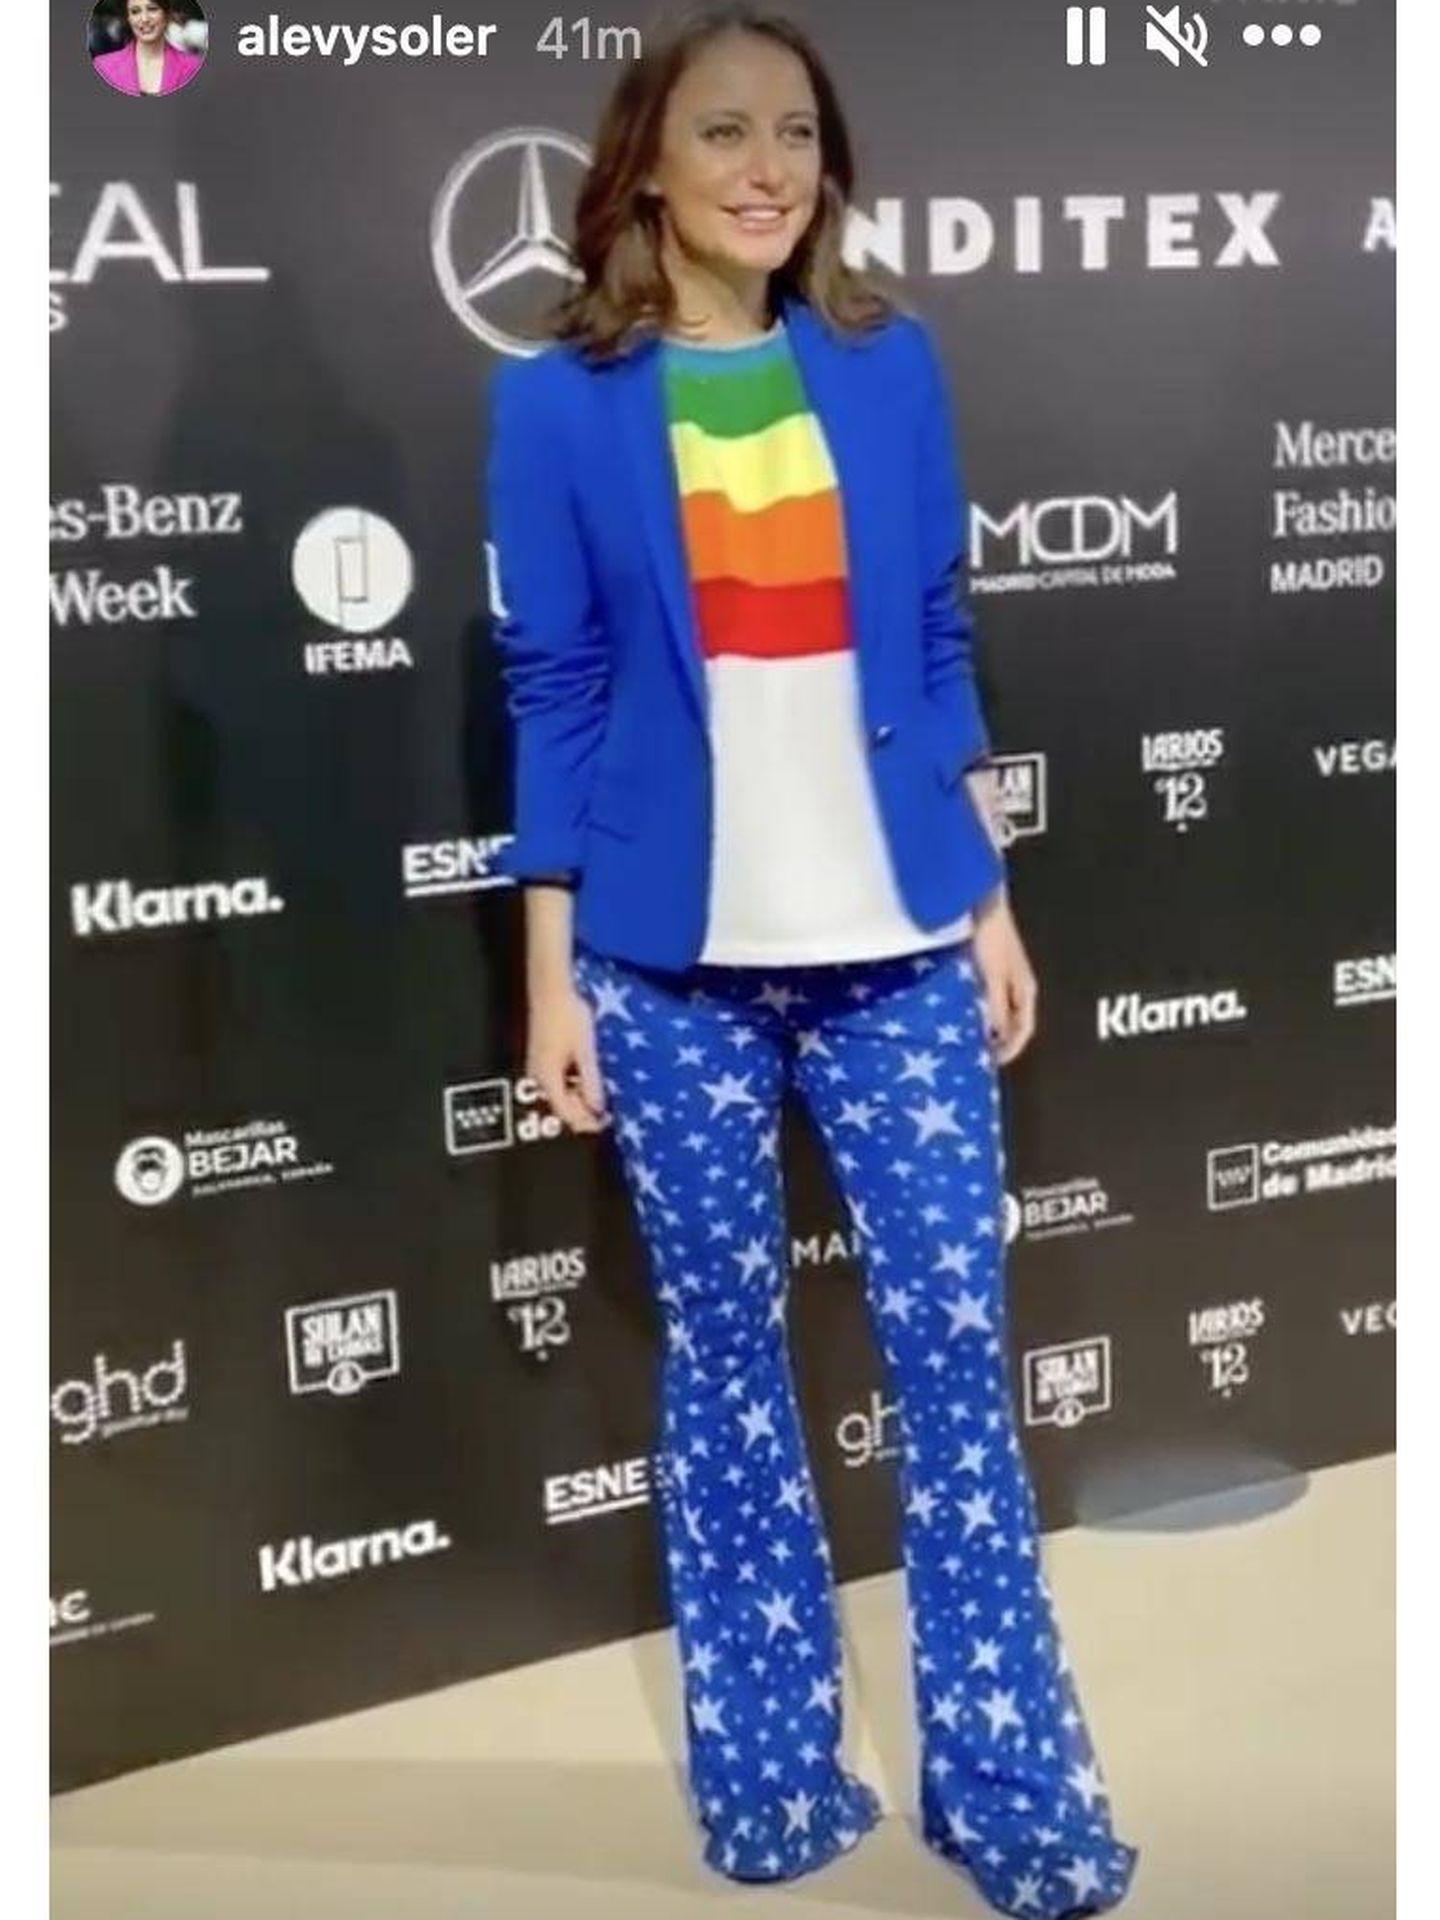 Andrea Levy vestida de Agatha Ruíz de la Prada en la Semana de la Moda de Madrid. (Instagram @alevysoler)